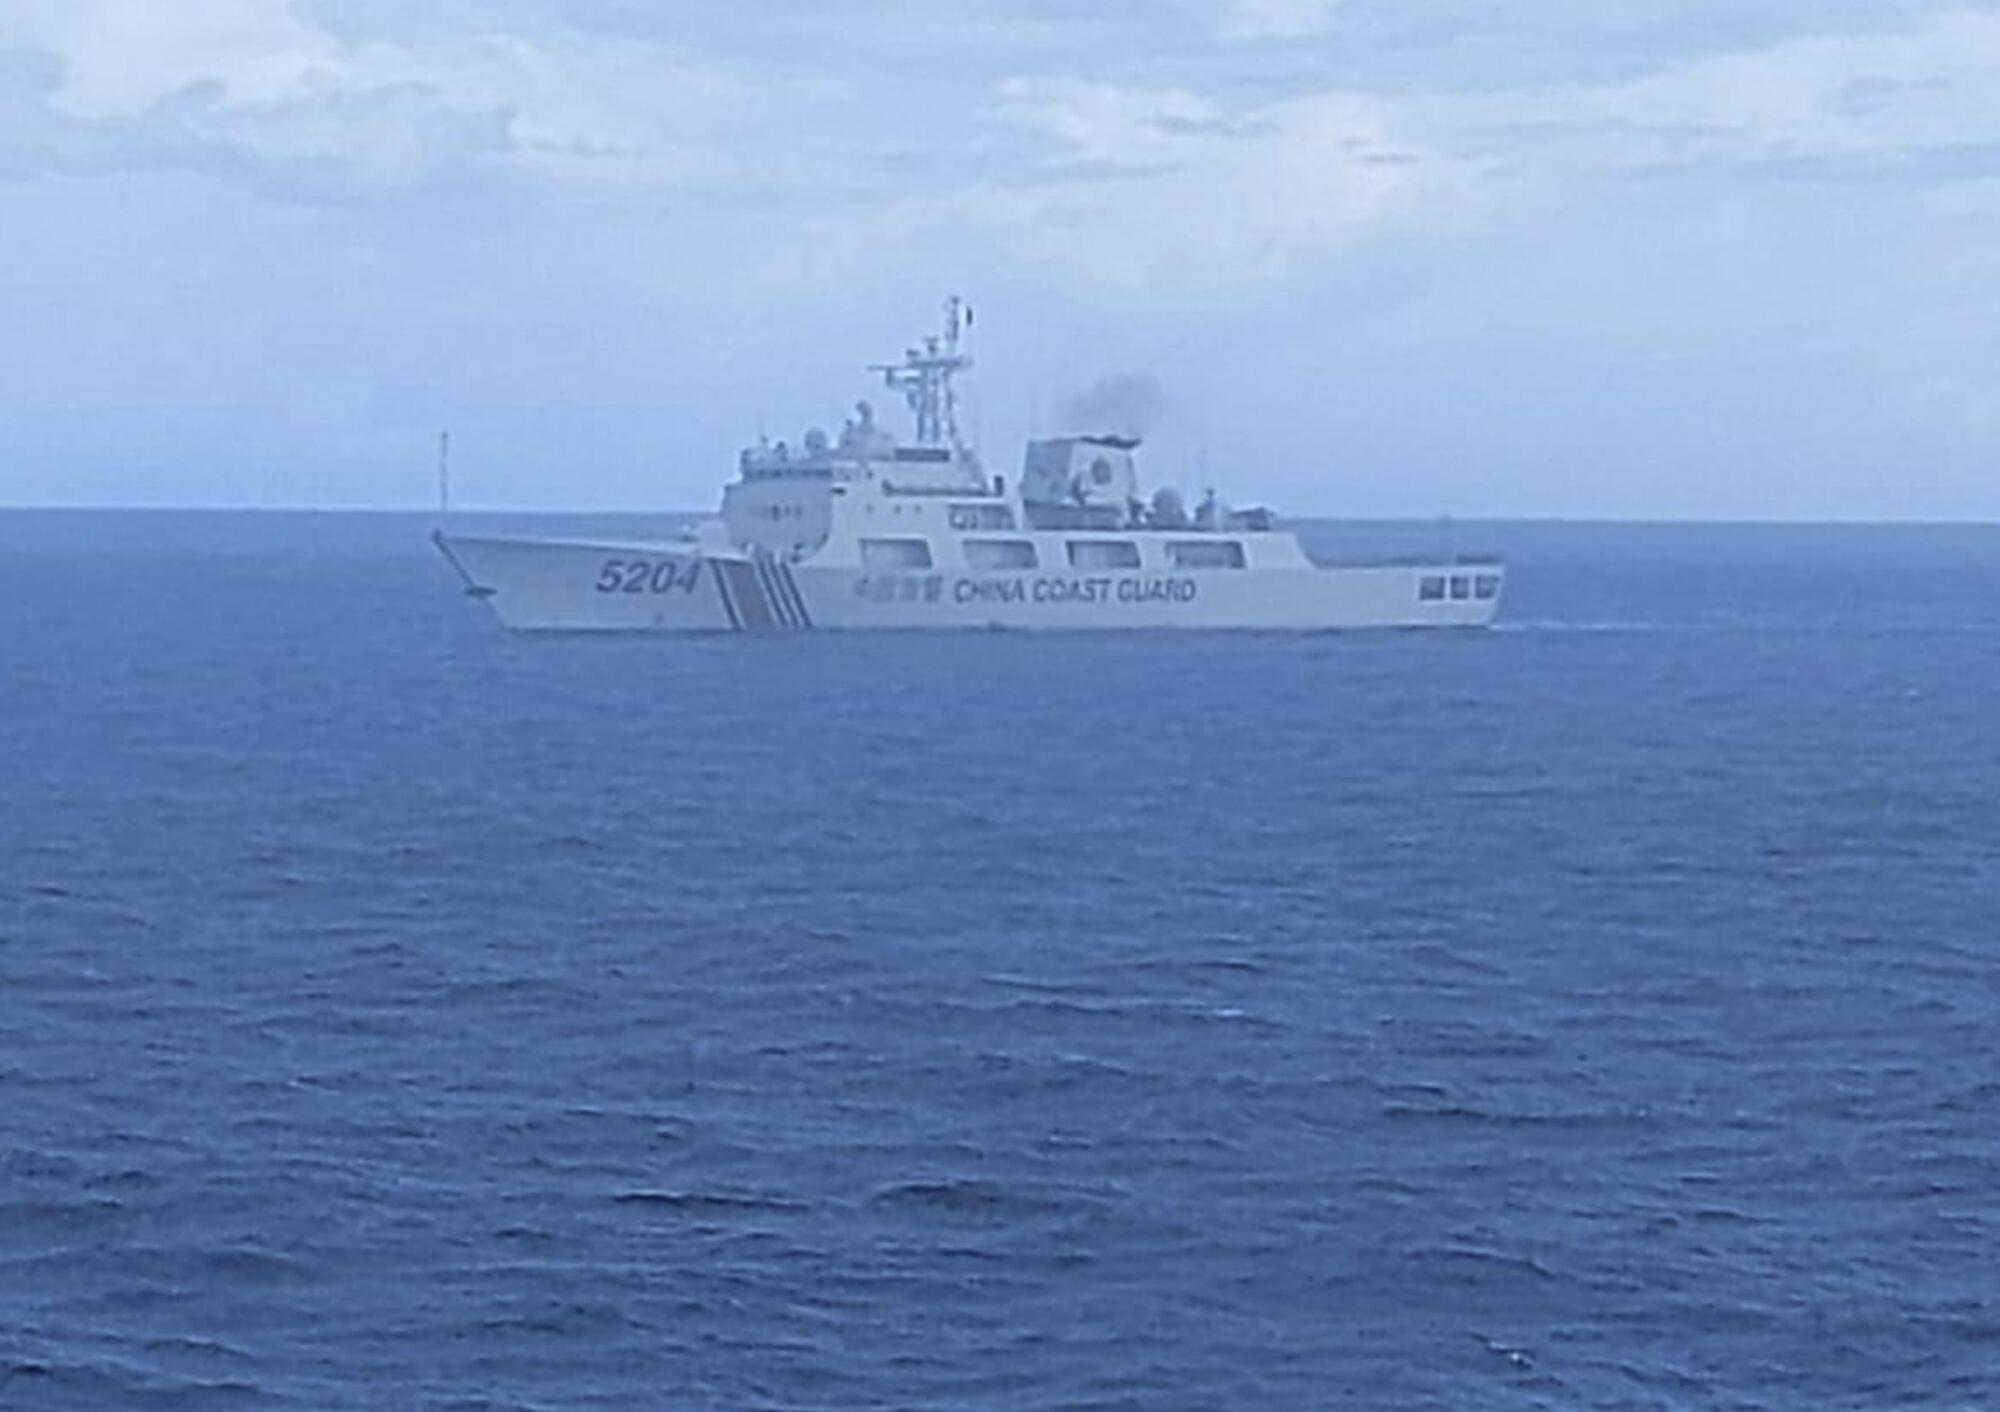 Một tàu hải cảnh Trung Quốc hiện diện ở vùng biển phía bắc Natuna, Indonesia. Ảnh do hải quân Indonesia công bố ngày 15/09/2020.